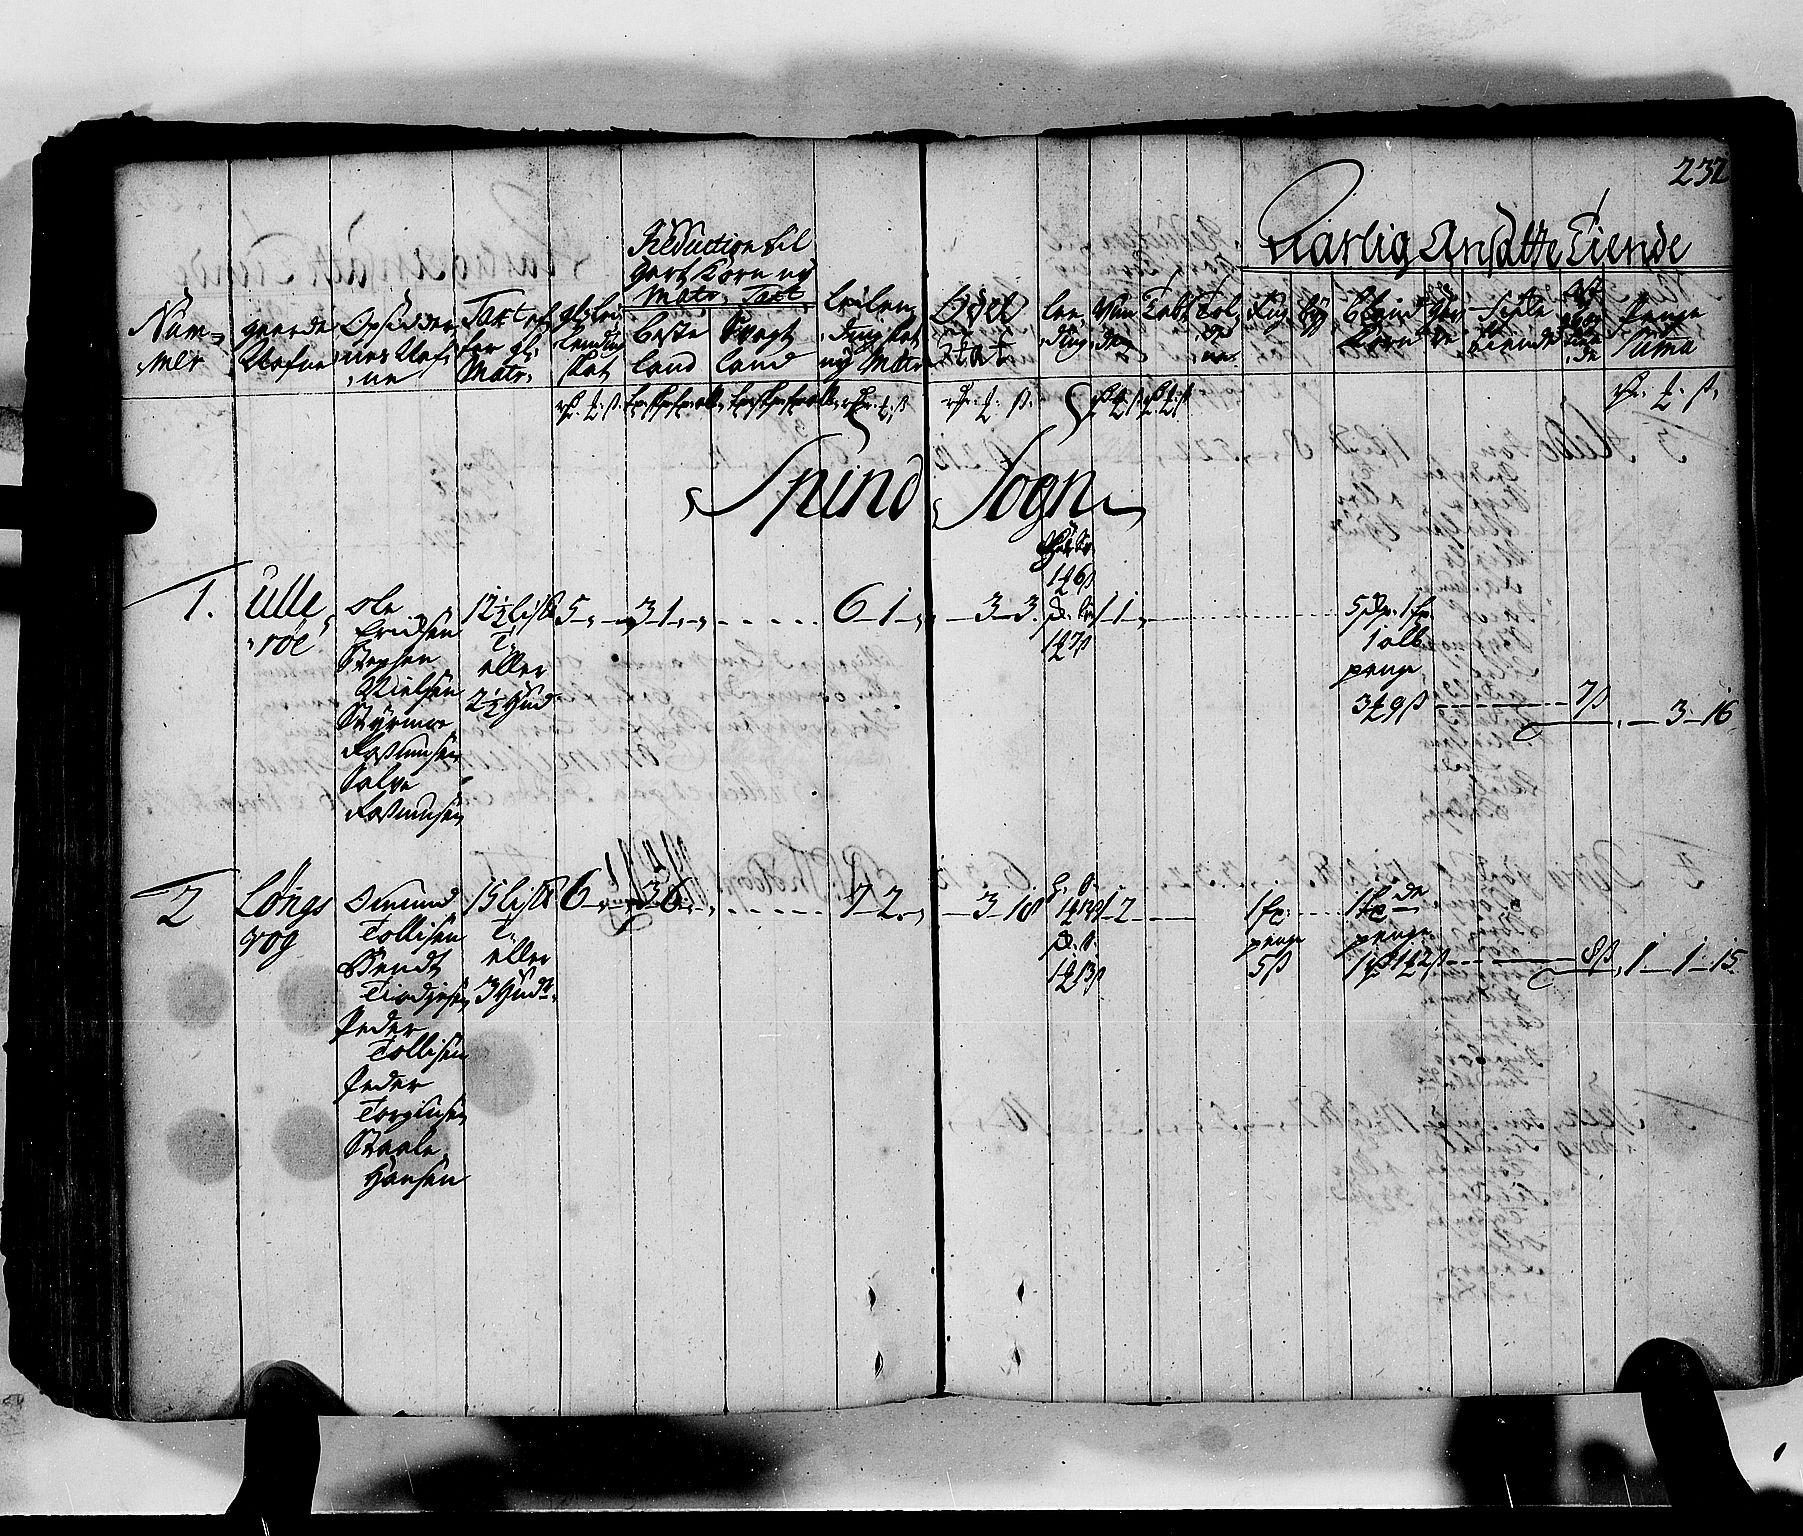 RA, Rentekammeret inntil 1814, Realistisk ordnet avdeling, N/Nb/Nbf/L0130: Lista matrikkelprotokoll, 1723, s. 231b-232a